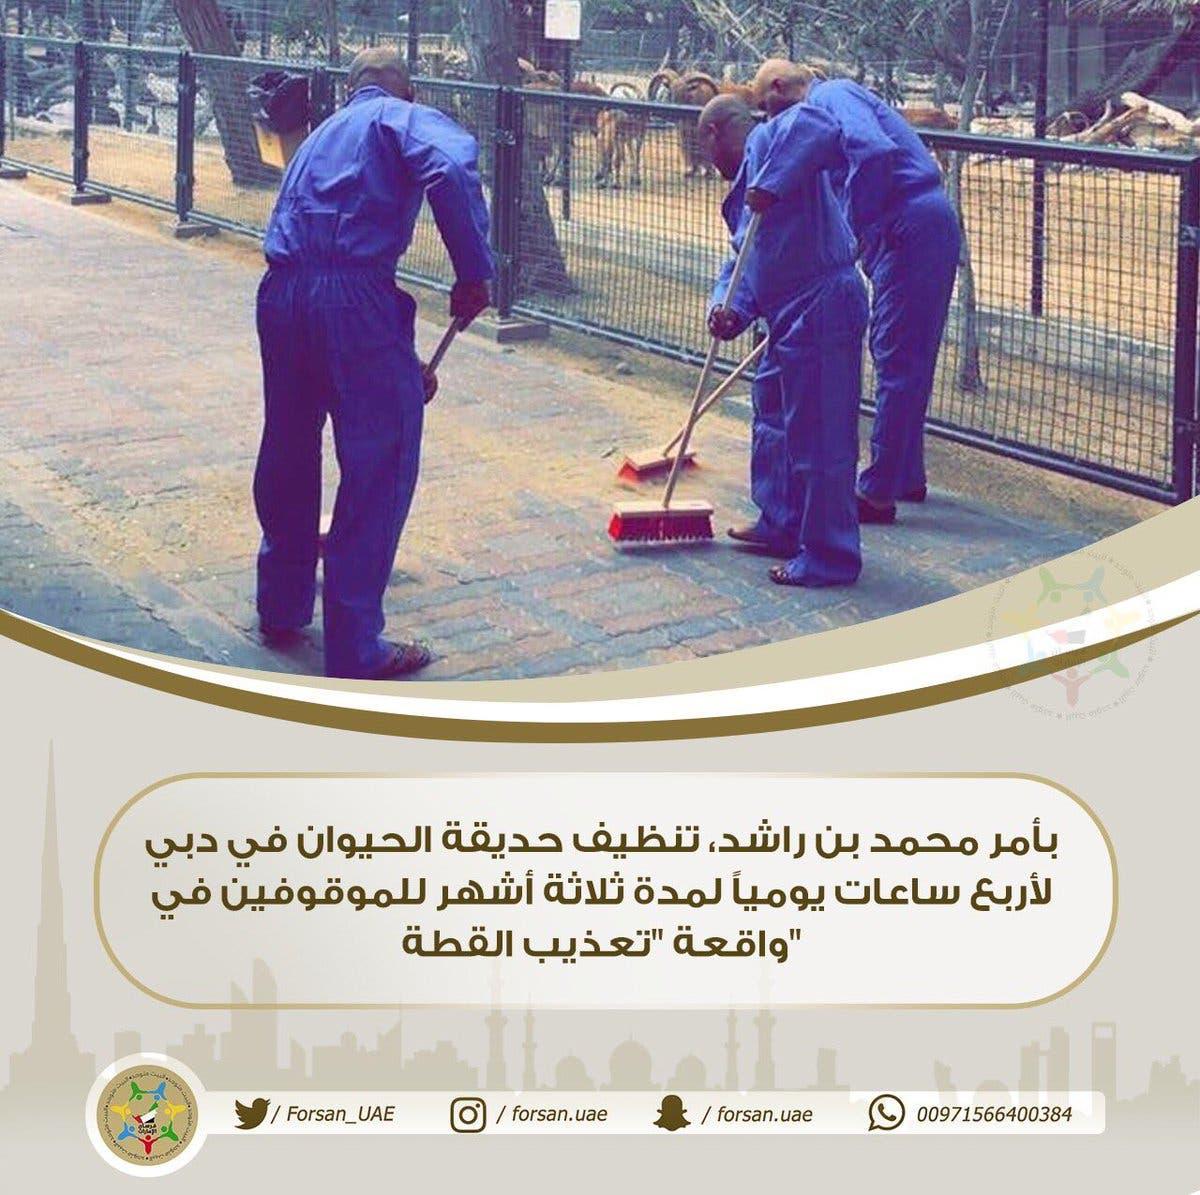 المتورطون في فيديو تعذيب القطة في دبي